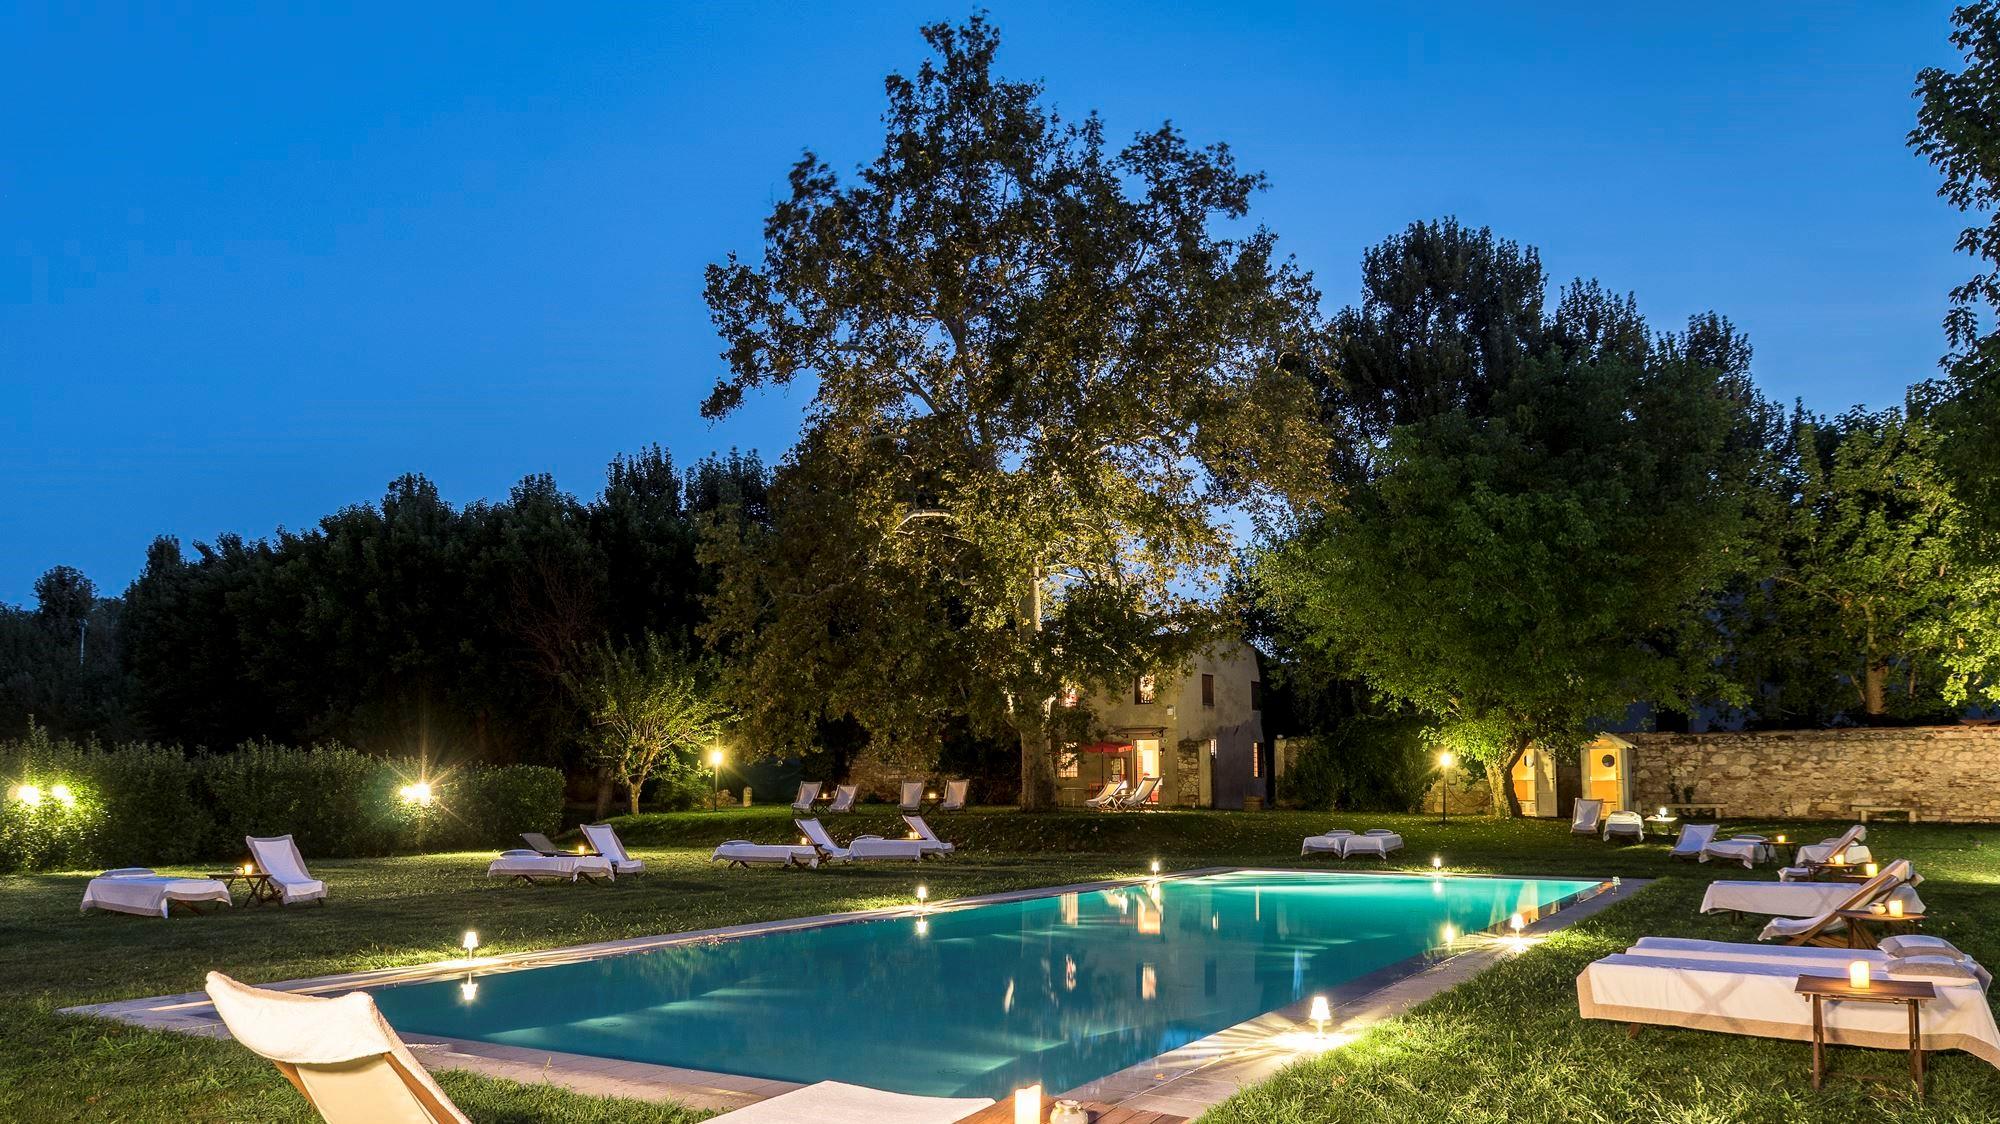 dormire in Villa Pisani a Lonigo Vicenza